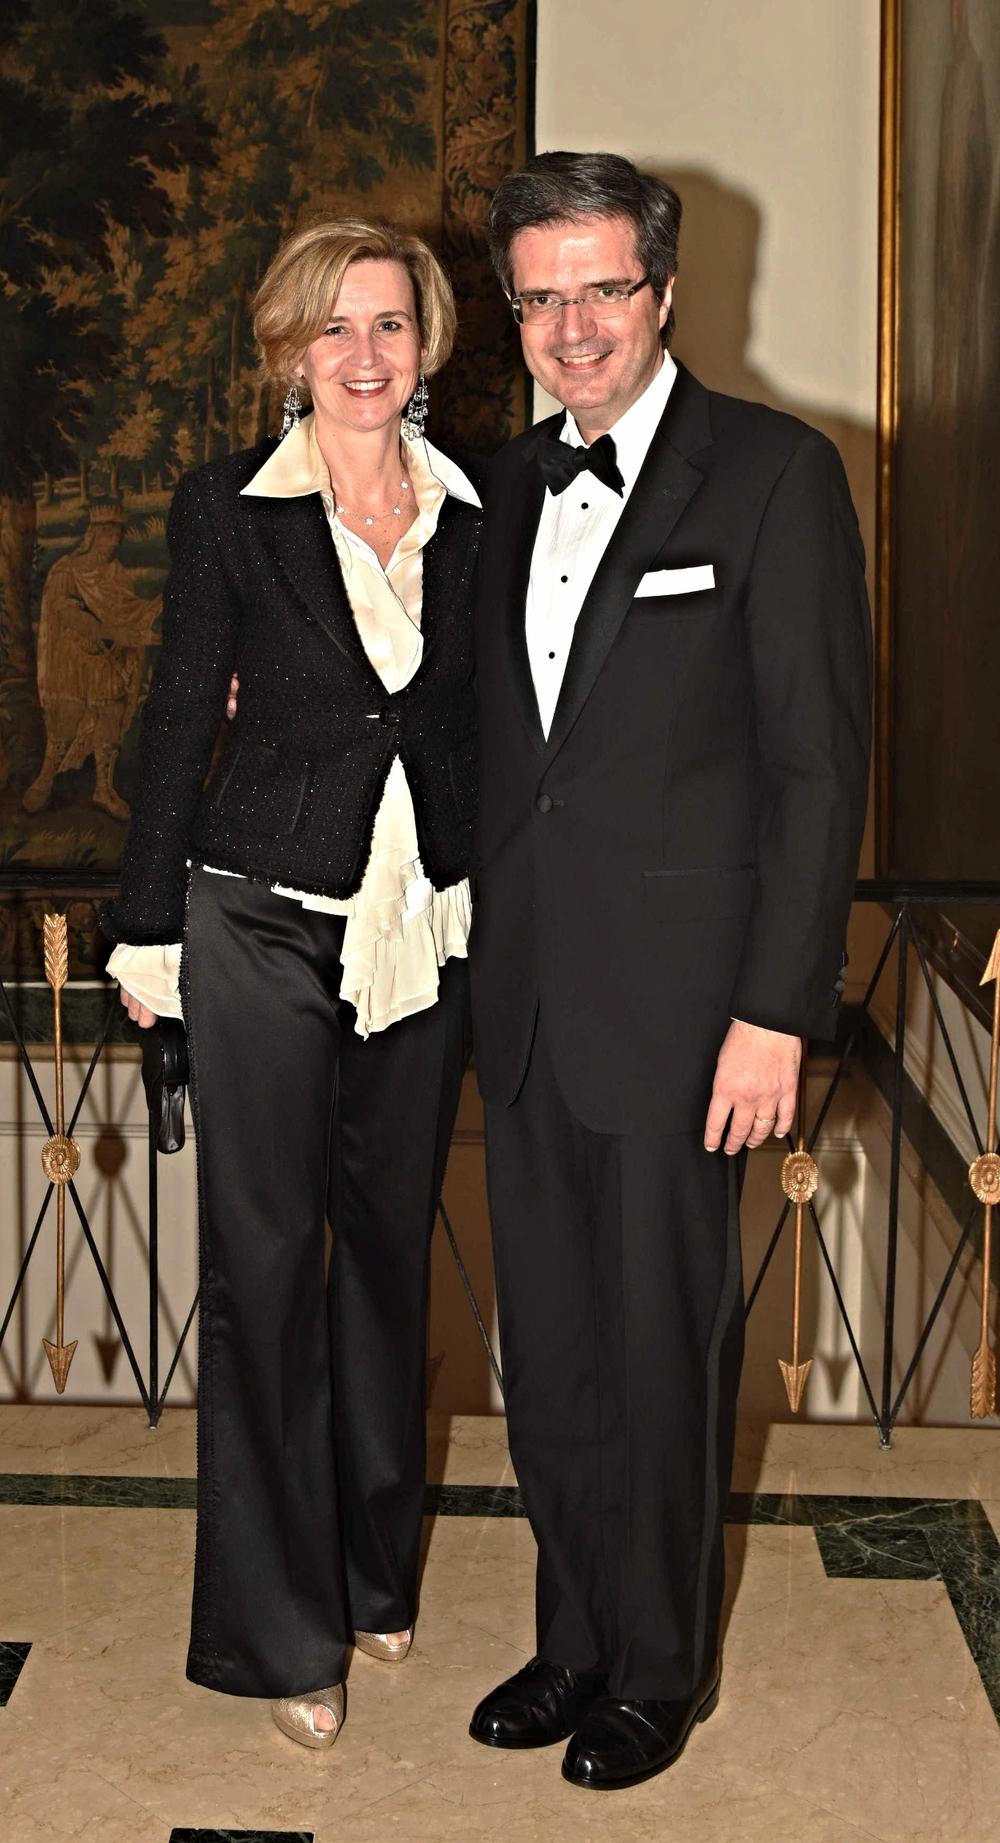 Sophie & François Delattre blerancourt_ gala_131.JPG